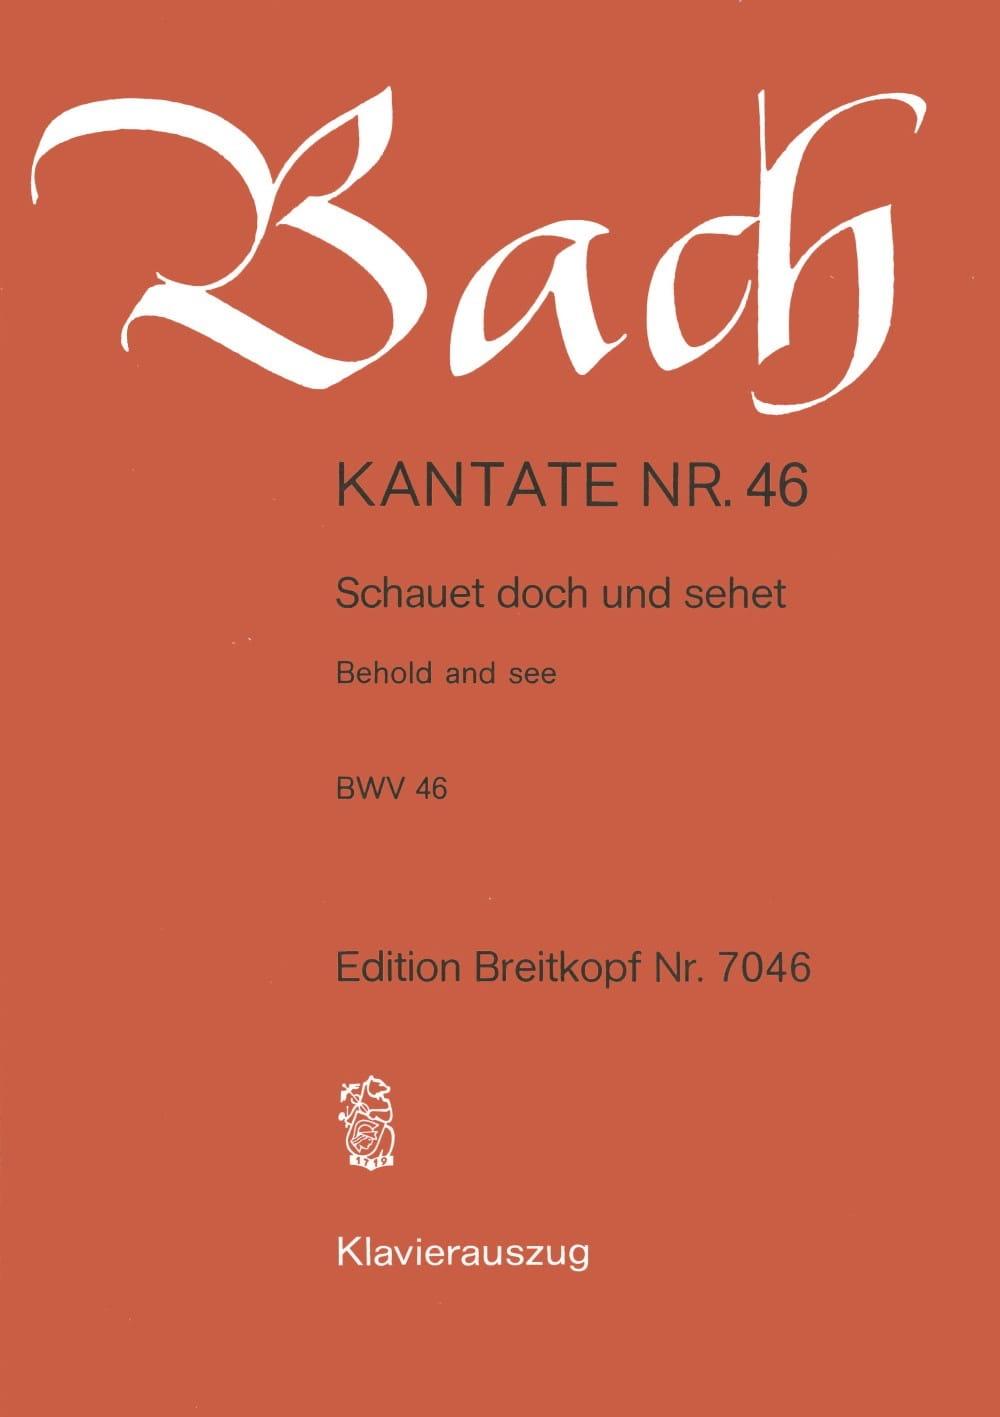 Cantate 46 Schauet Doch Und Sehet - BACH - laflutedepan.com